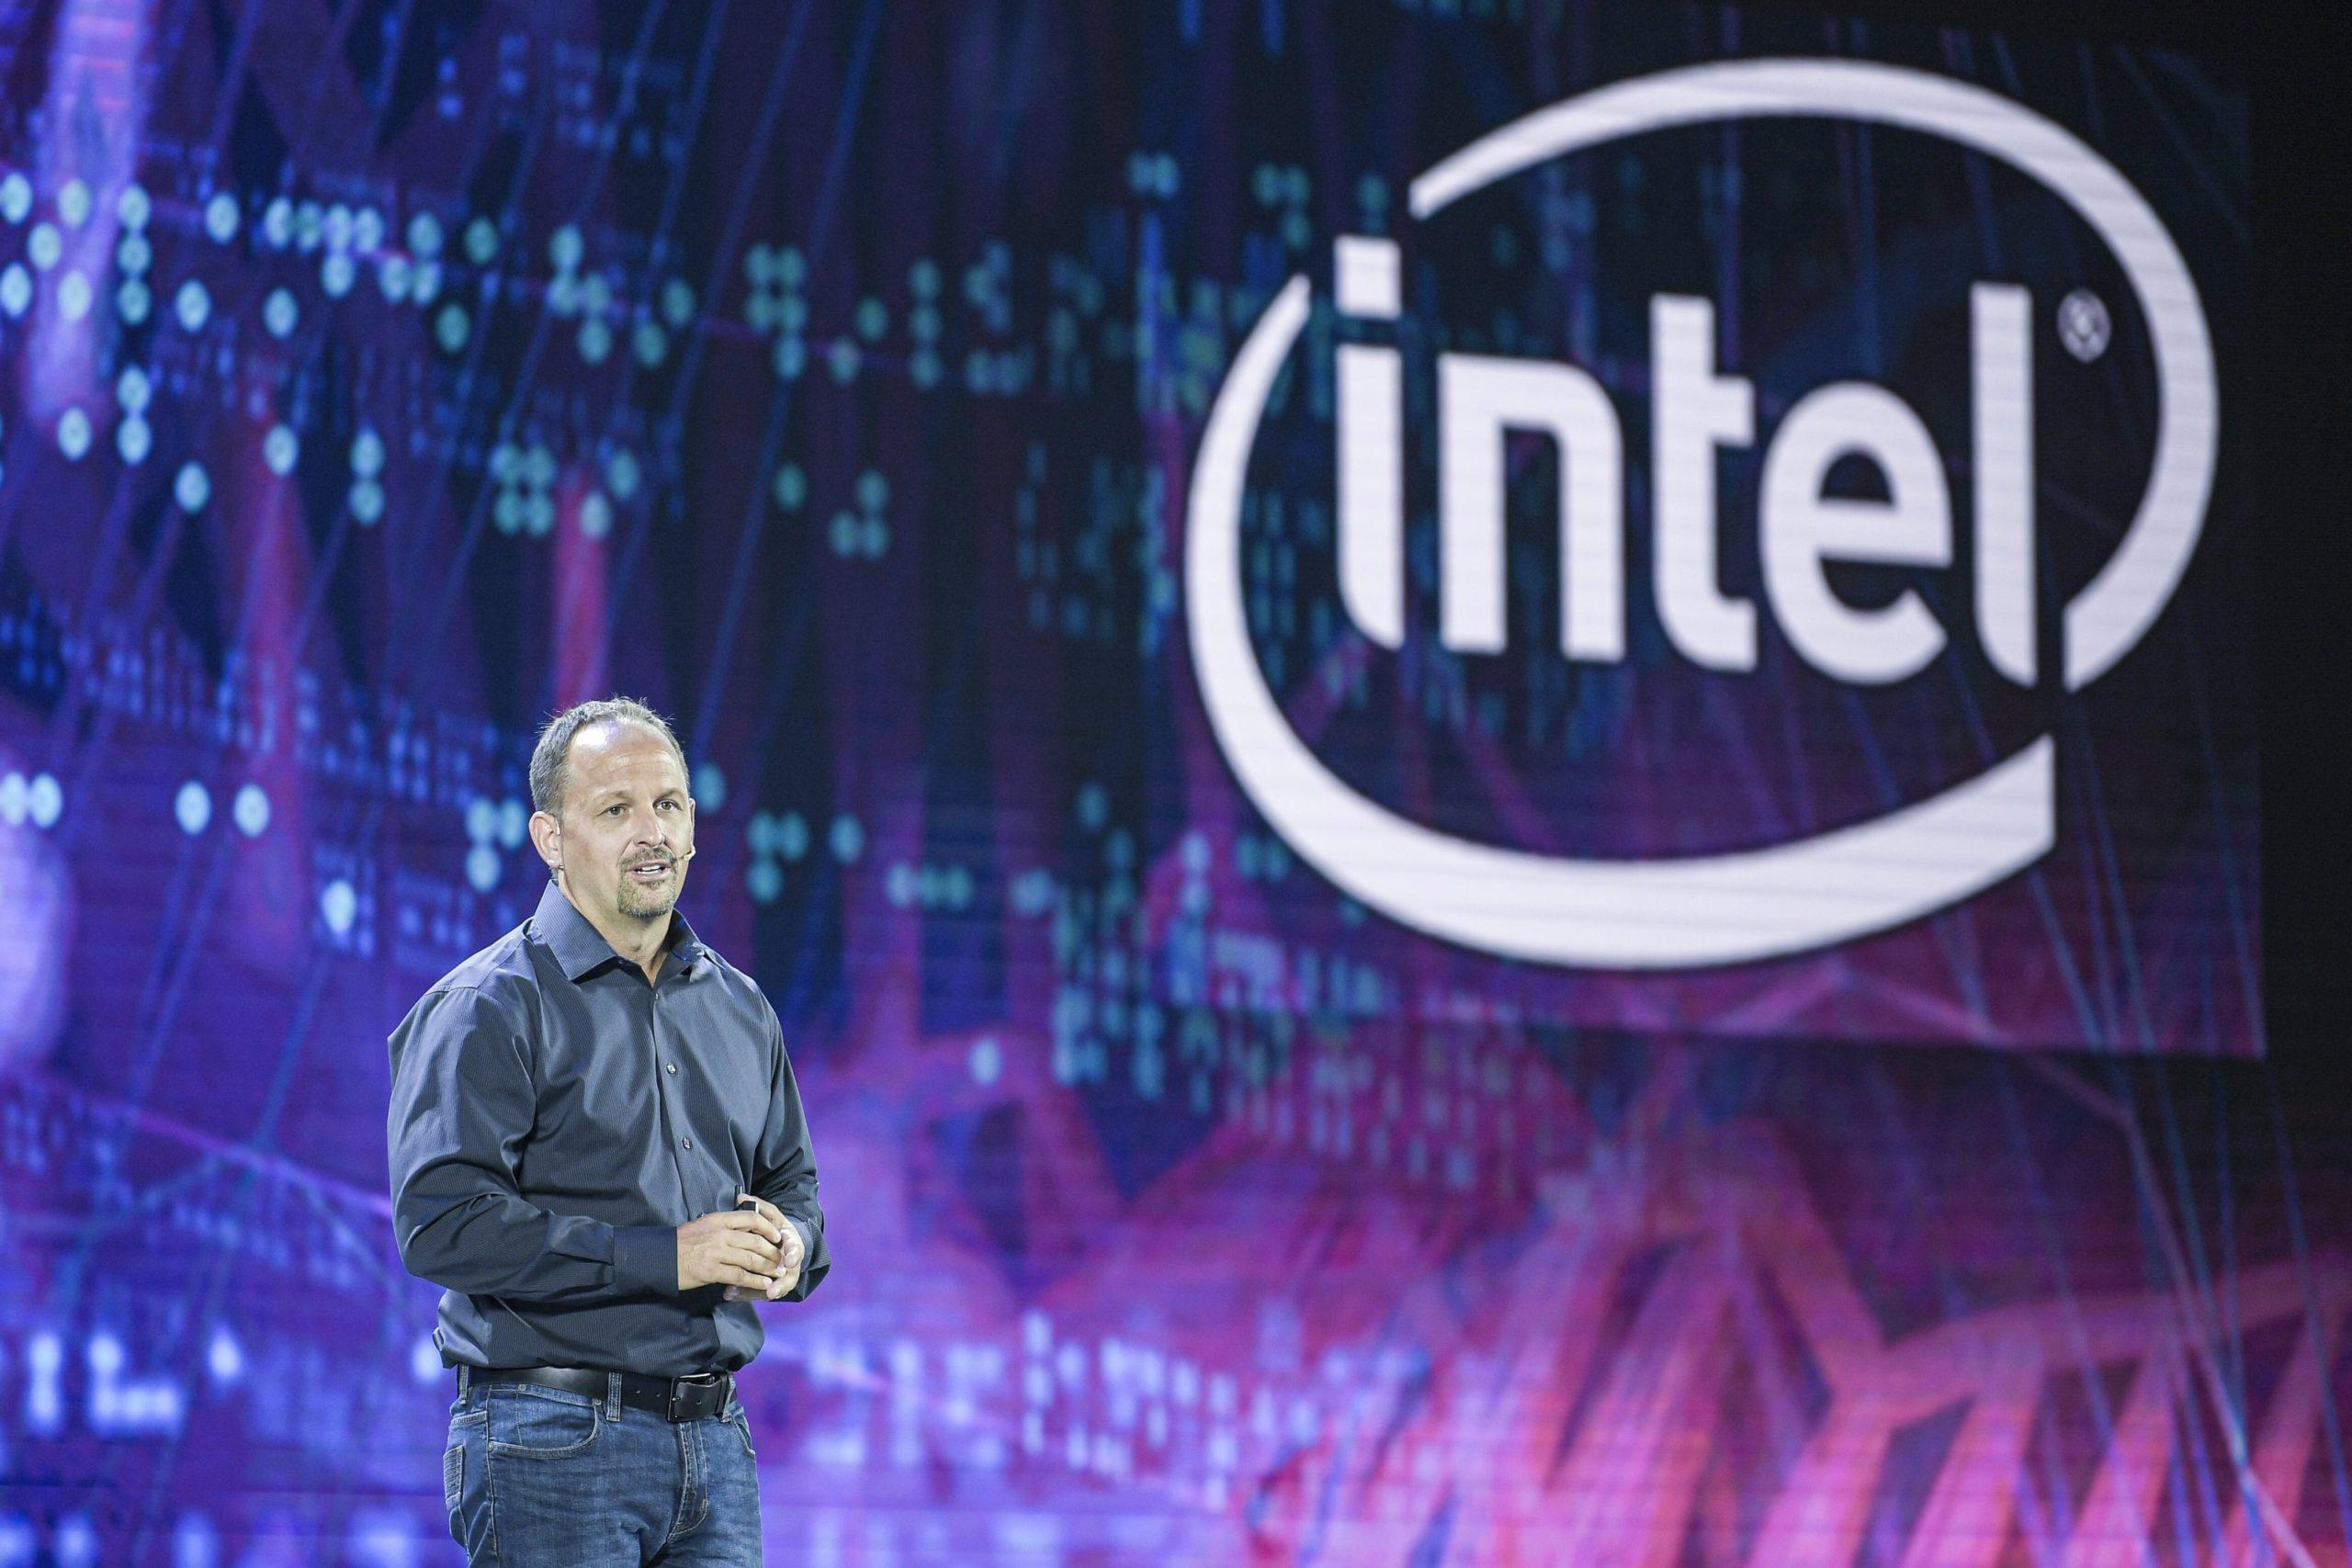 Intel et MediaTek ont décidé de travailler main dans la main afin de développer des puces de modem 5G pour les ordinateurs portables et PC.